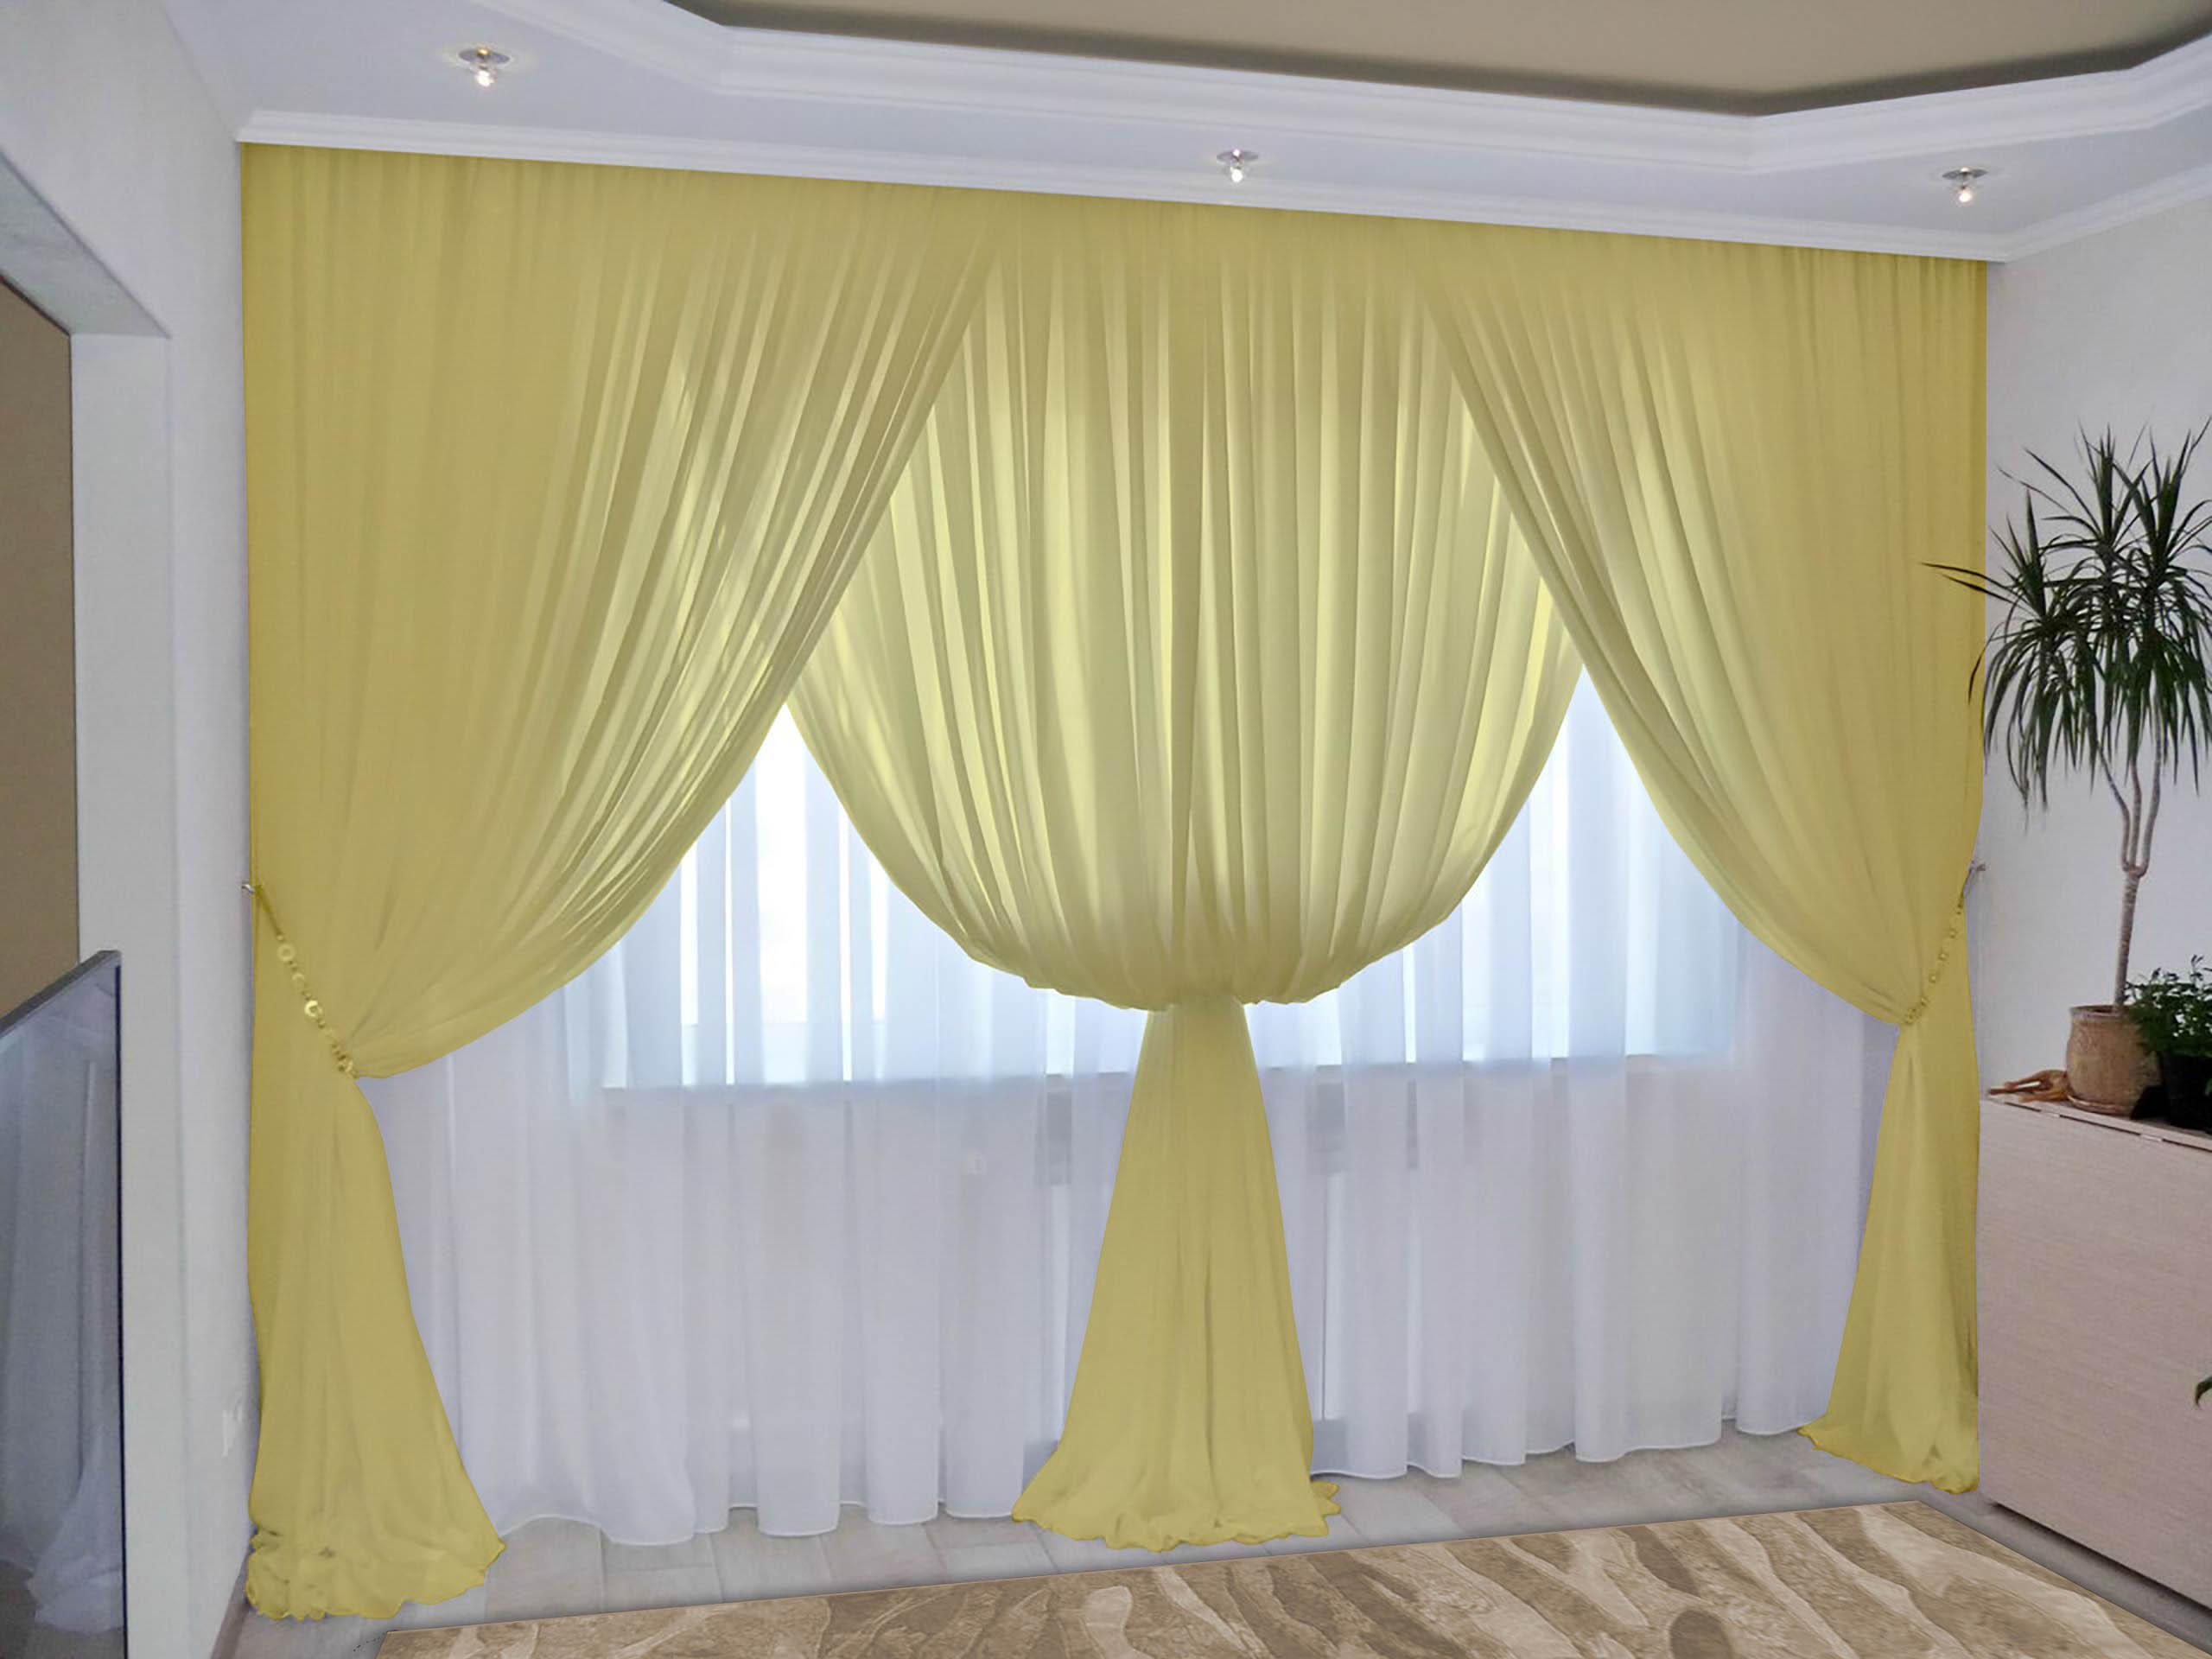 Шторы РеалТекс Классические шторы Augustine Цвет: Пастельно-Желтый шторы реалтекс классические шторы alberta цвет персиковый молочный